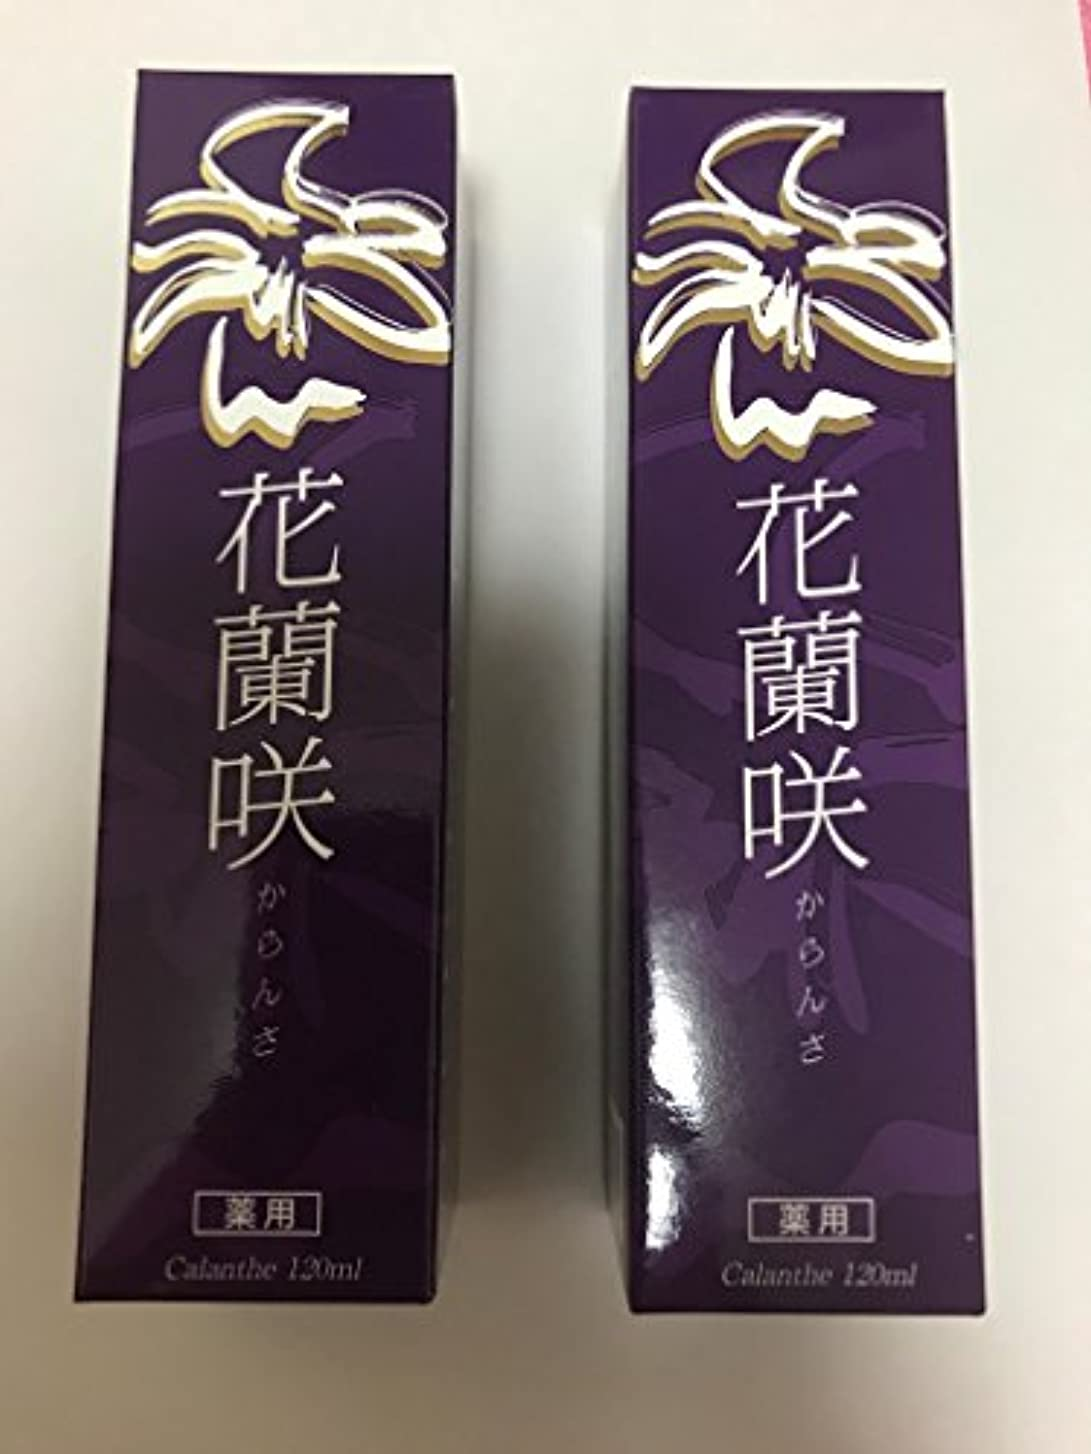 かもしれないコンプライアンス治療【2本セット】花蘭咲 120ml マイケア 医薬部外品